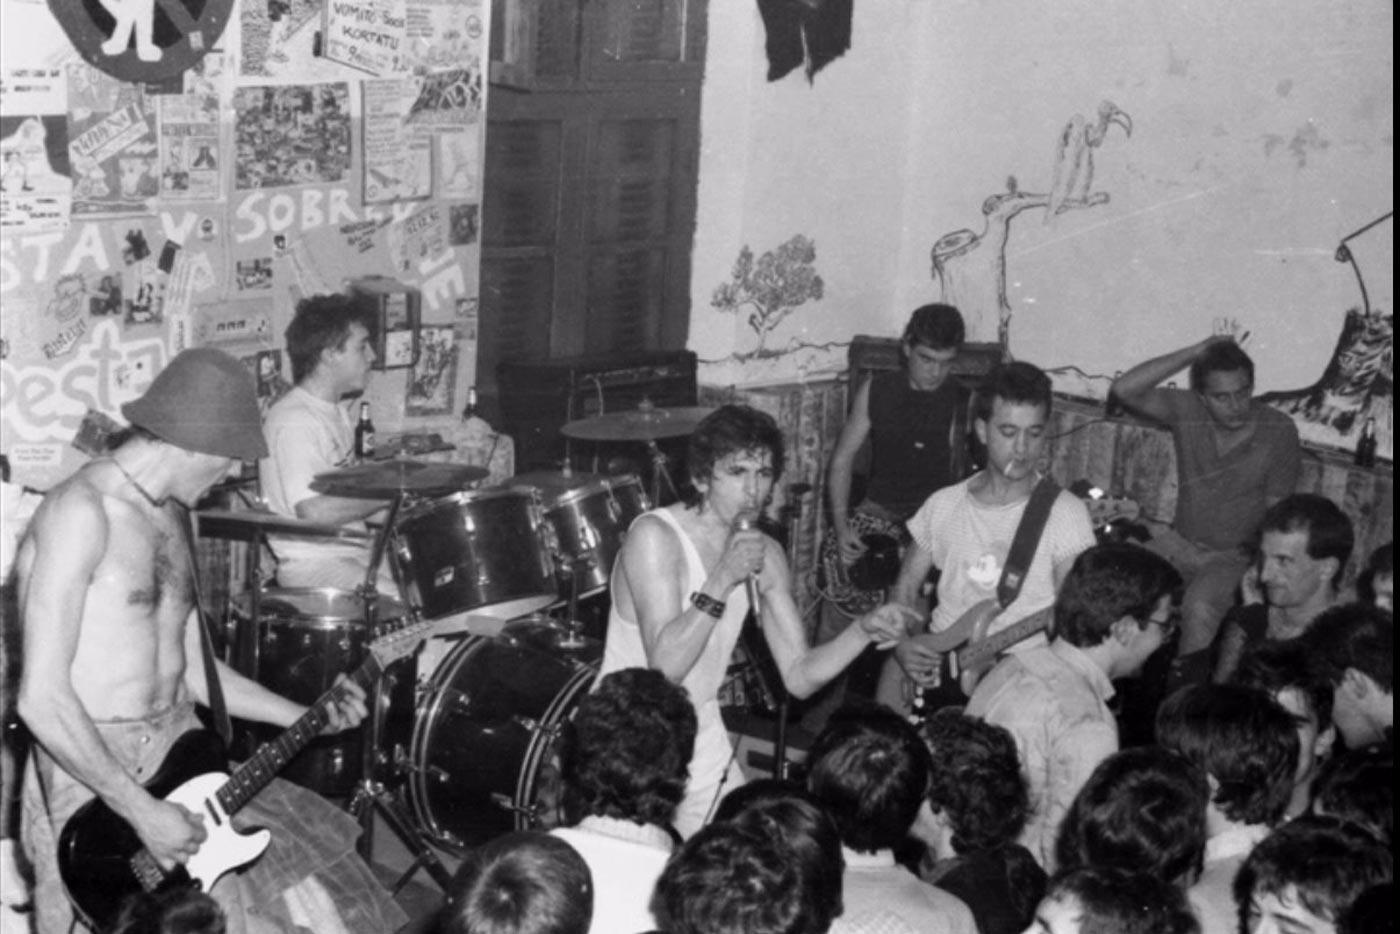 La Fonoteca lanza una guía del punk nacional desde los 80 hasta hoy